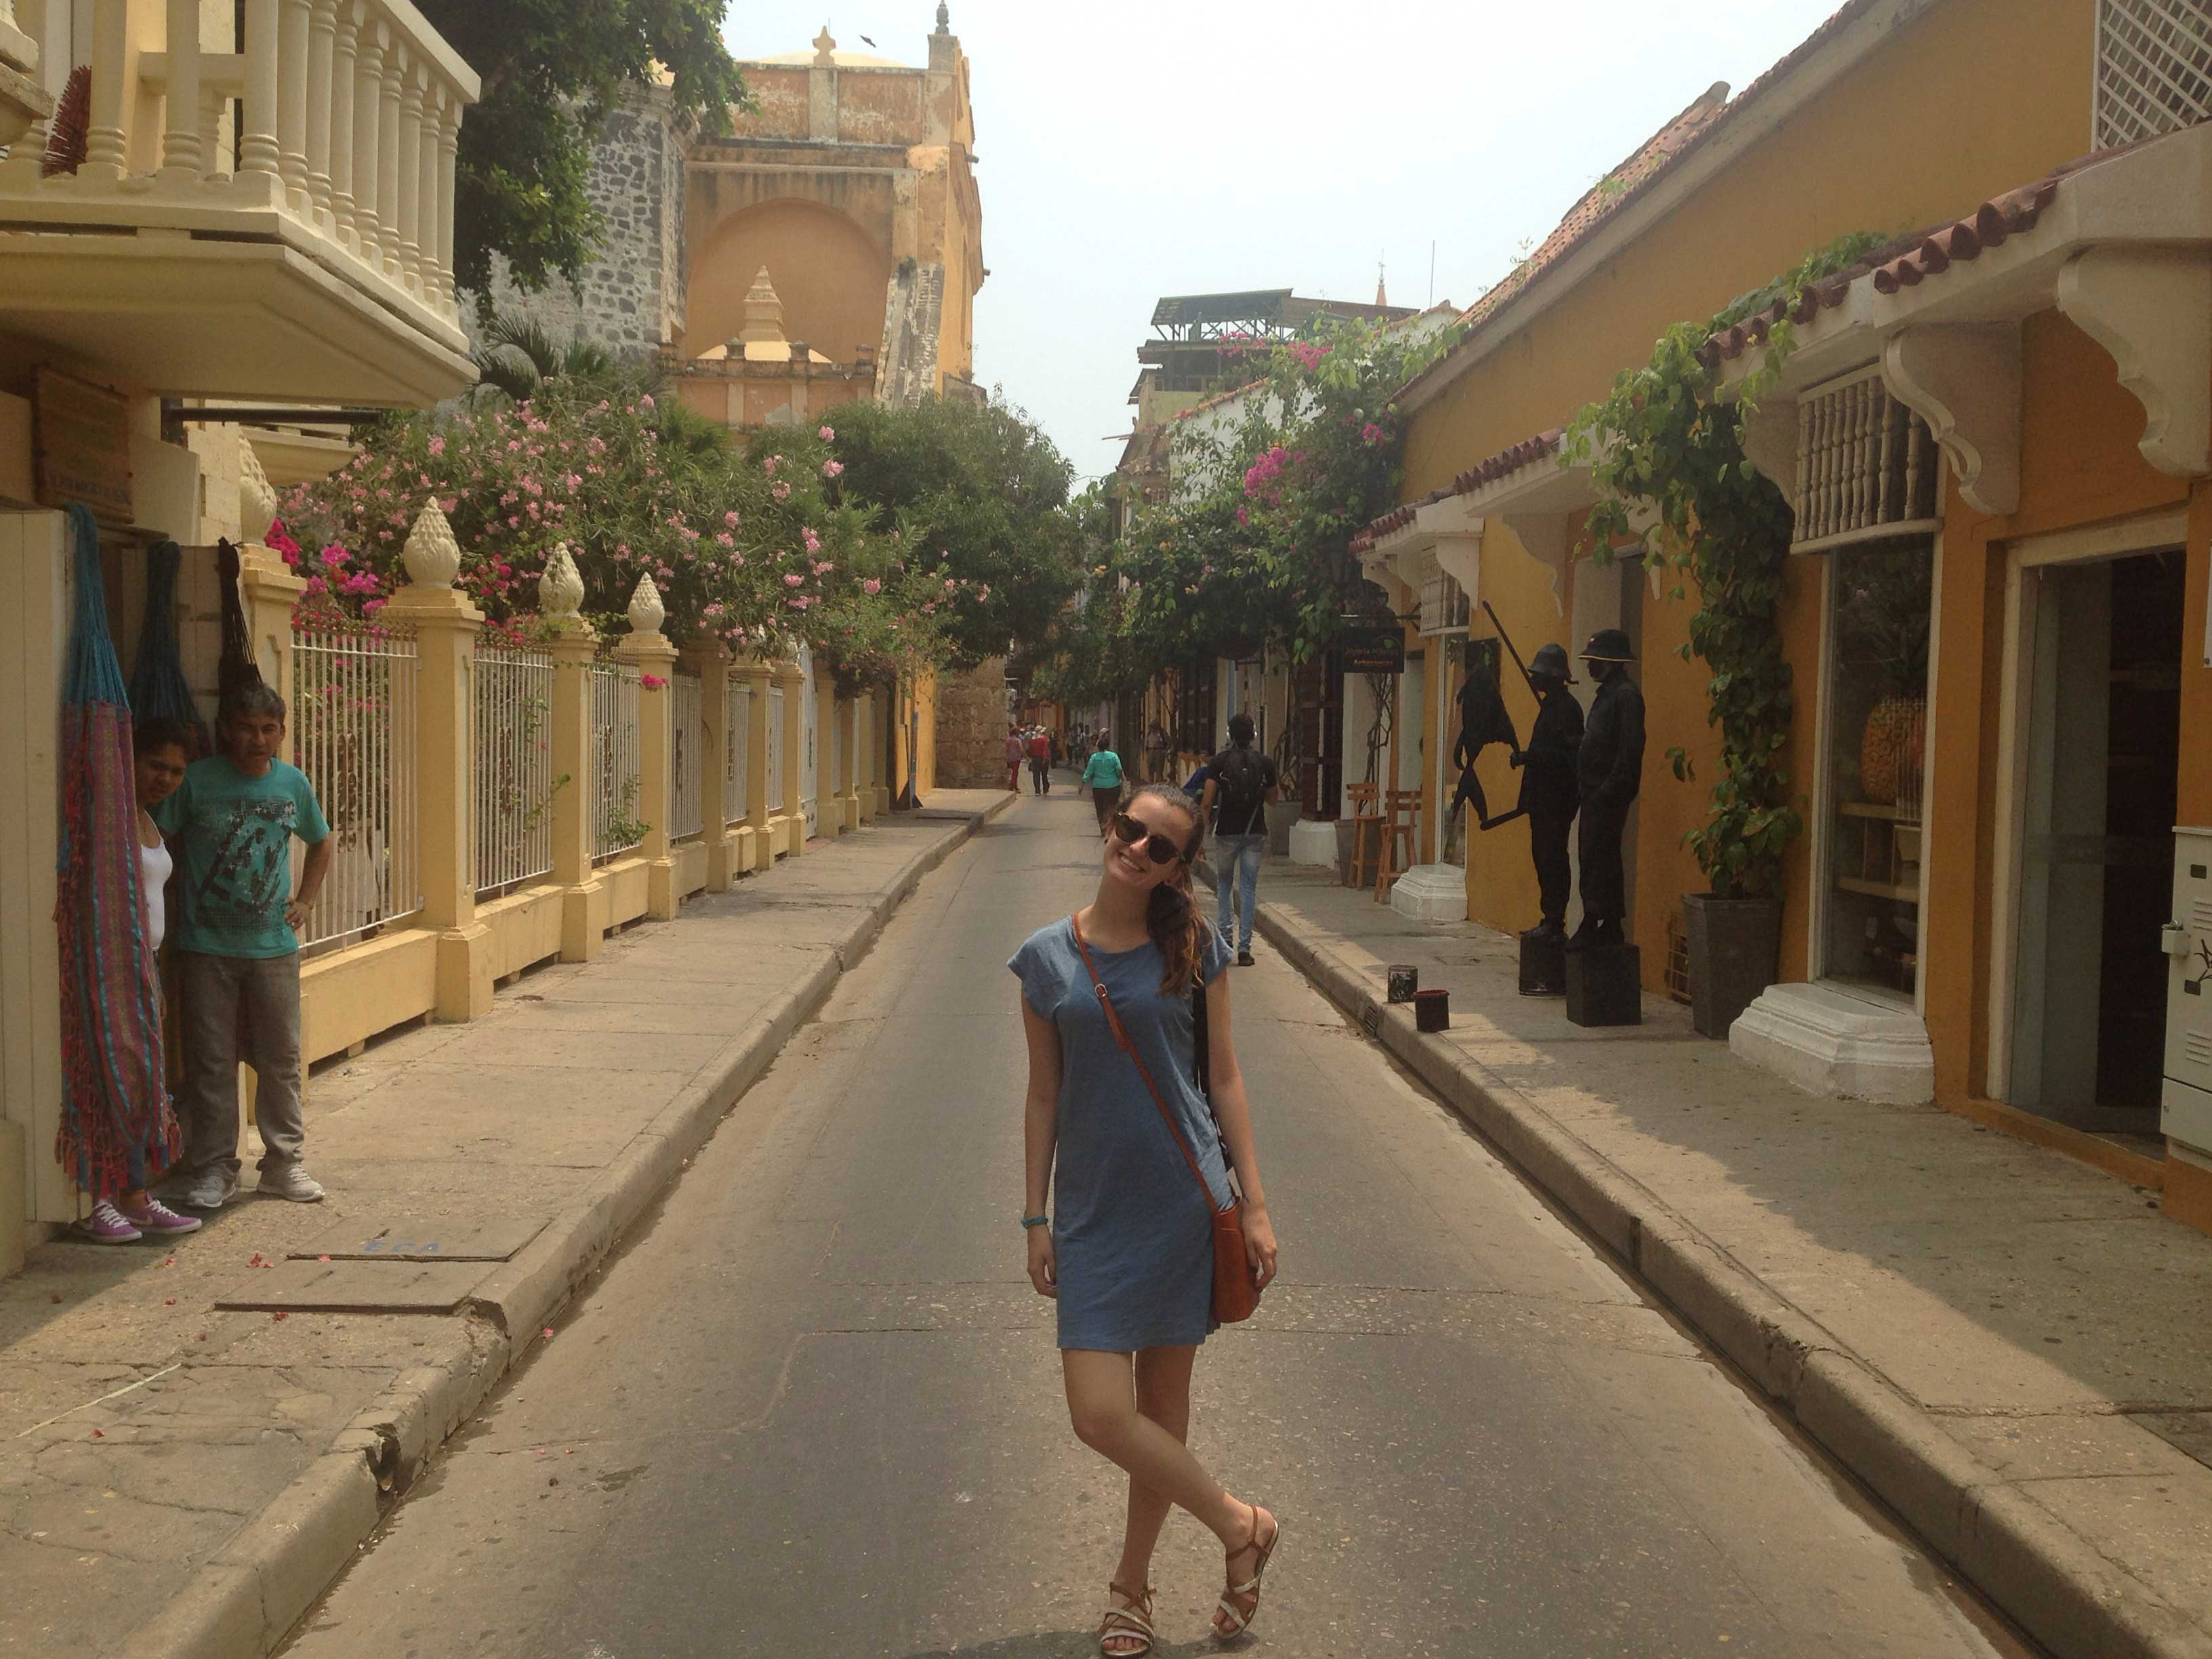 Centro histórico de Cartagena das Índias